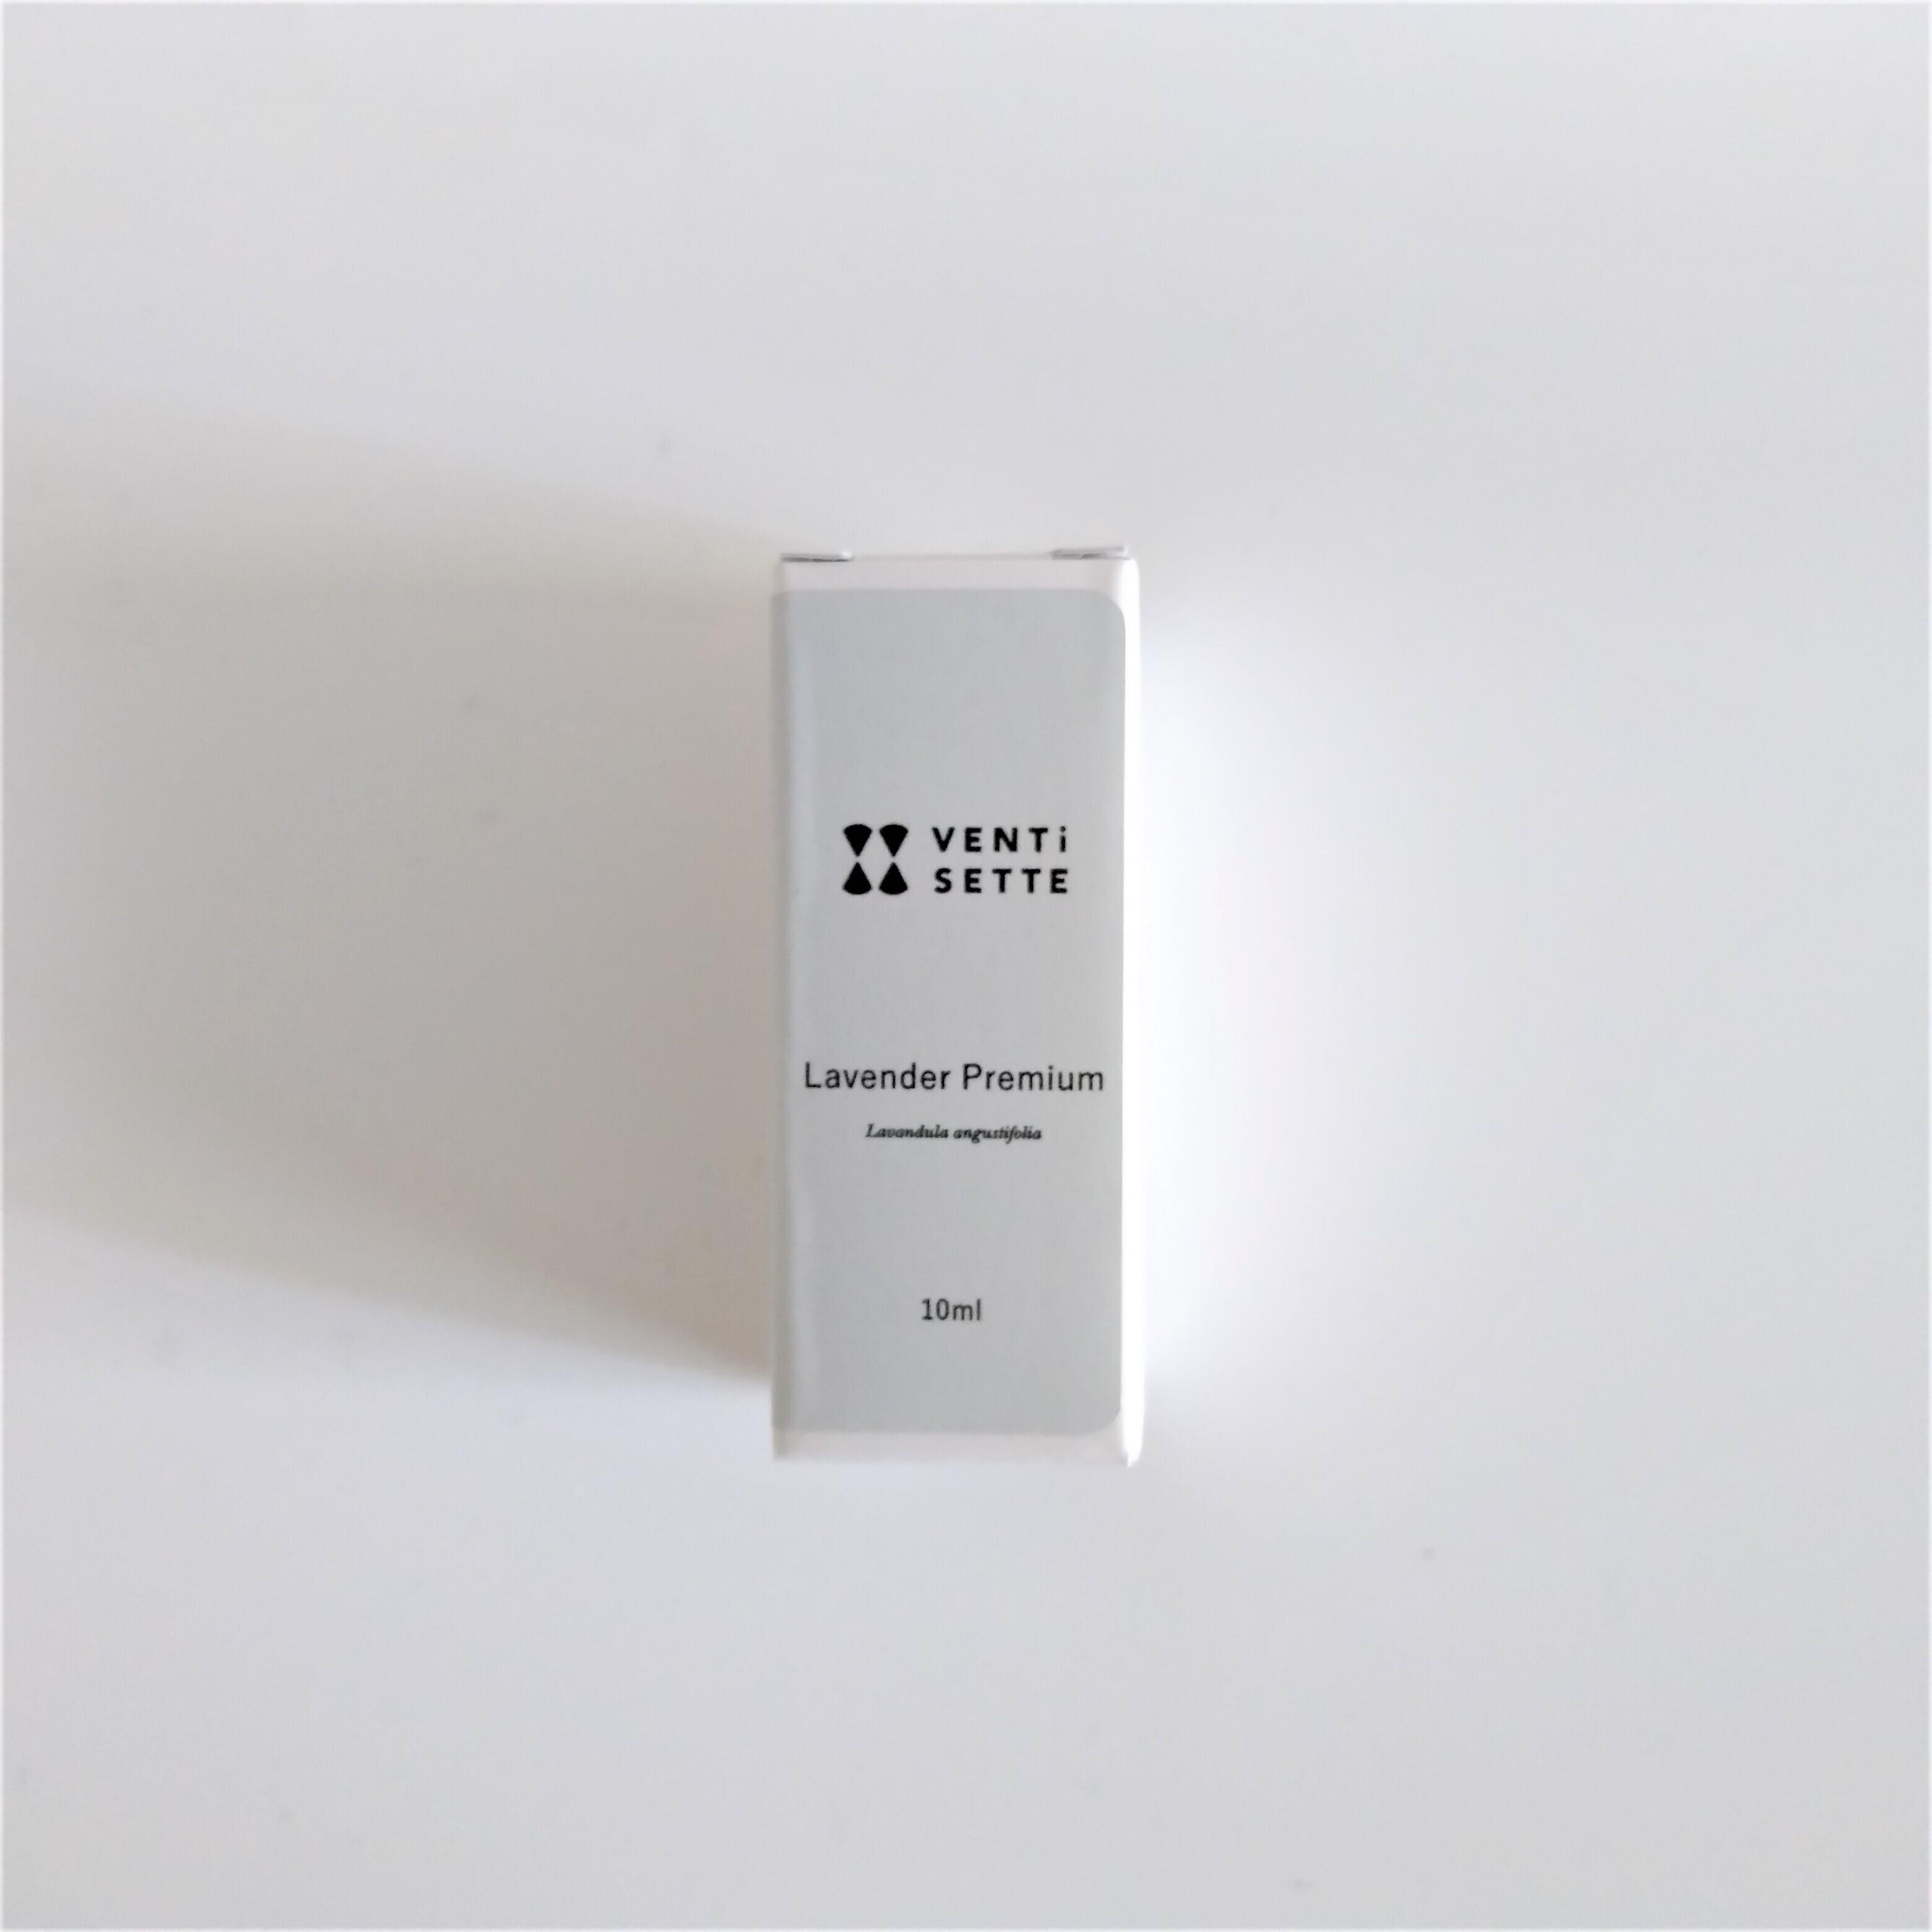 ラベンダープレミアムエッセンシャルオイル 10ml